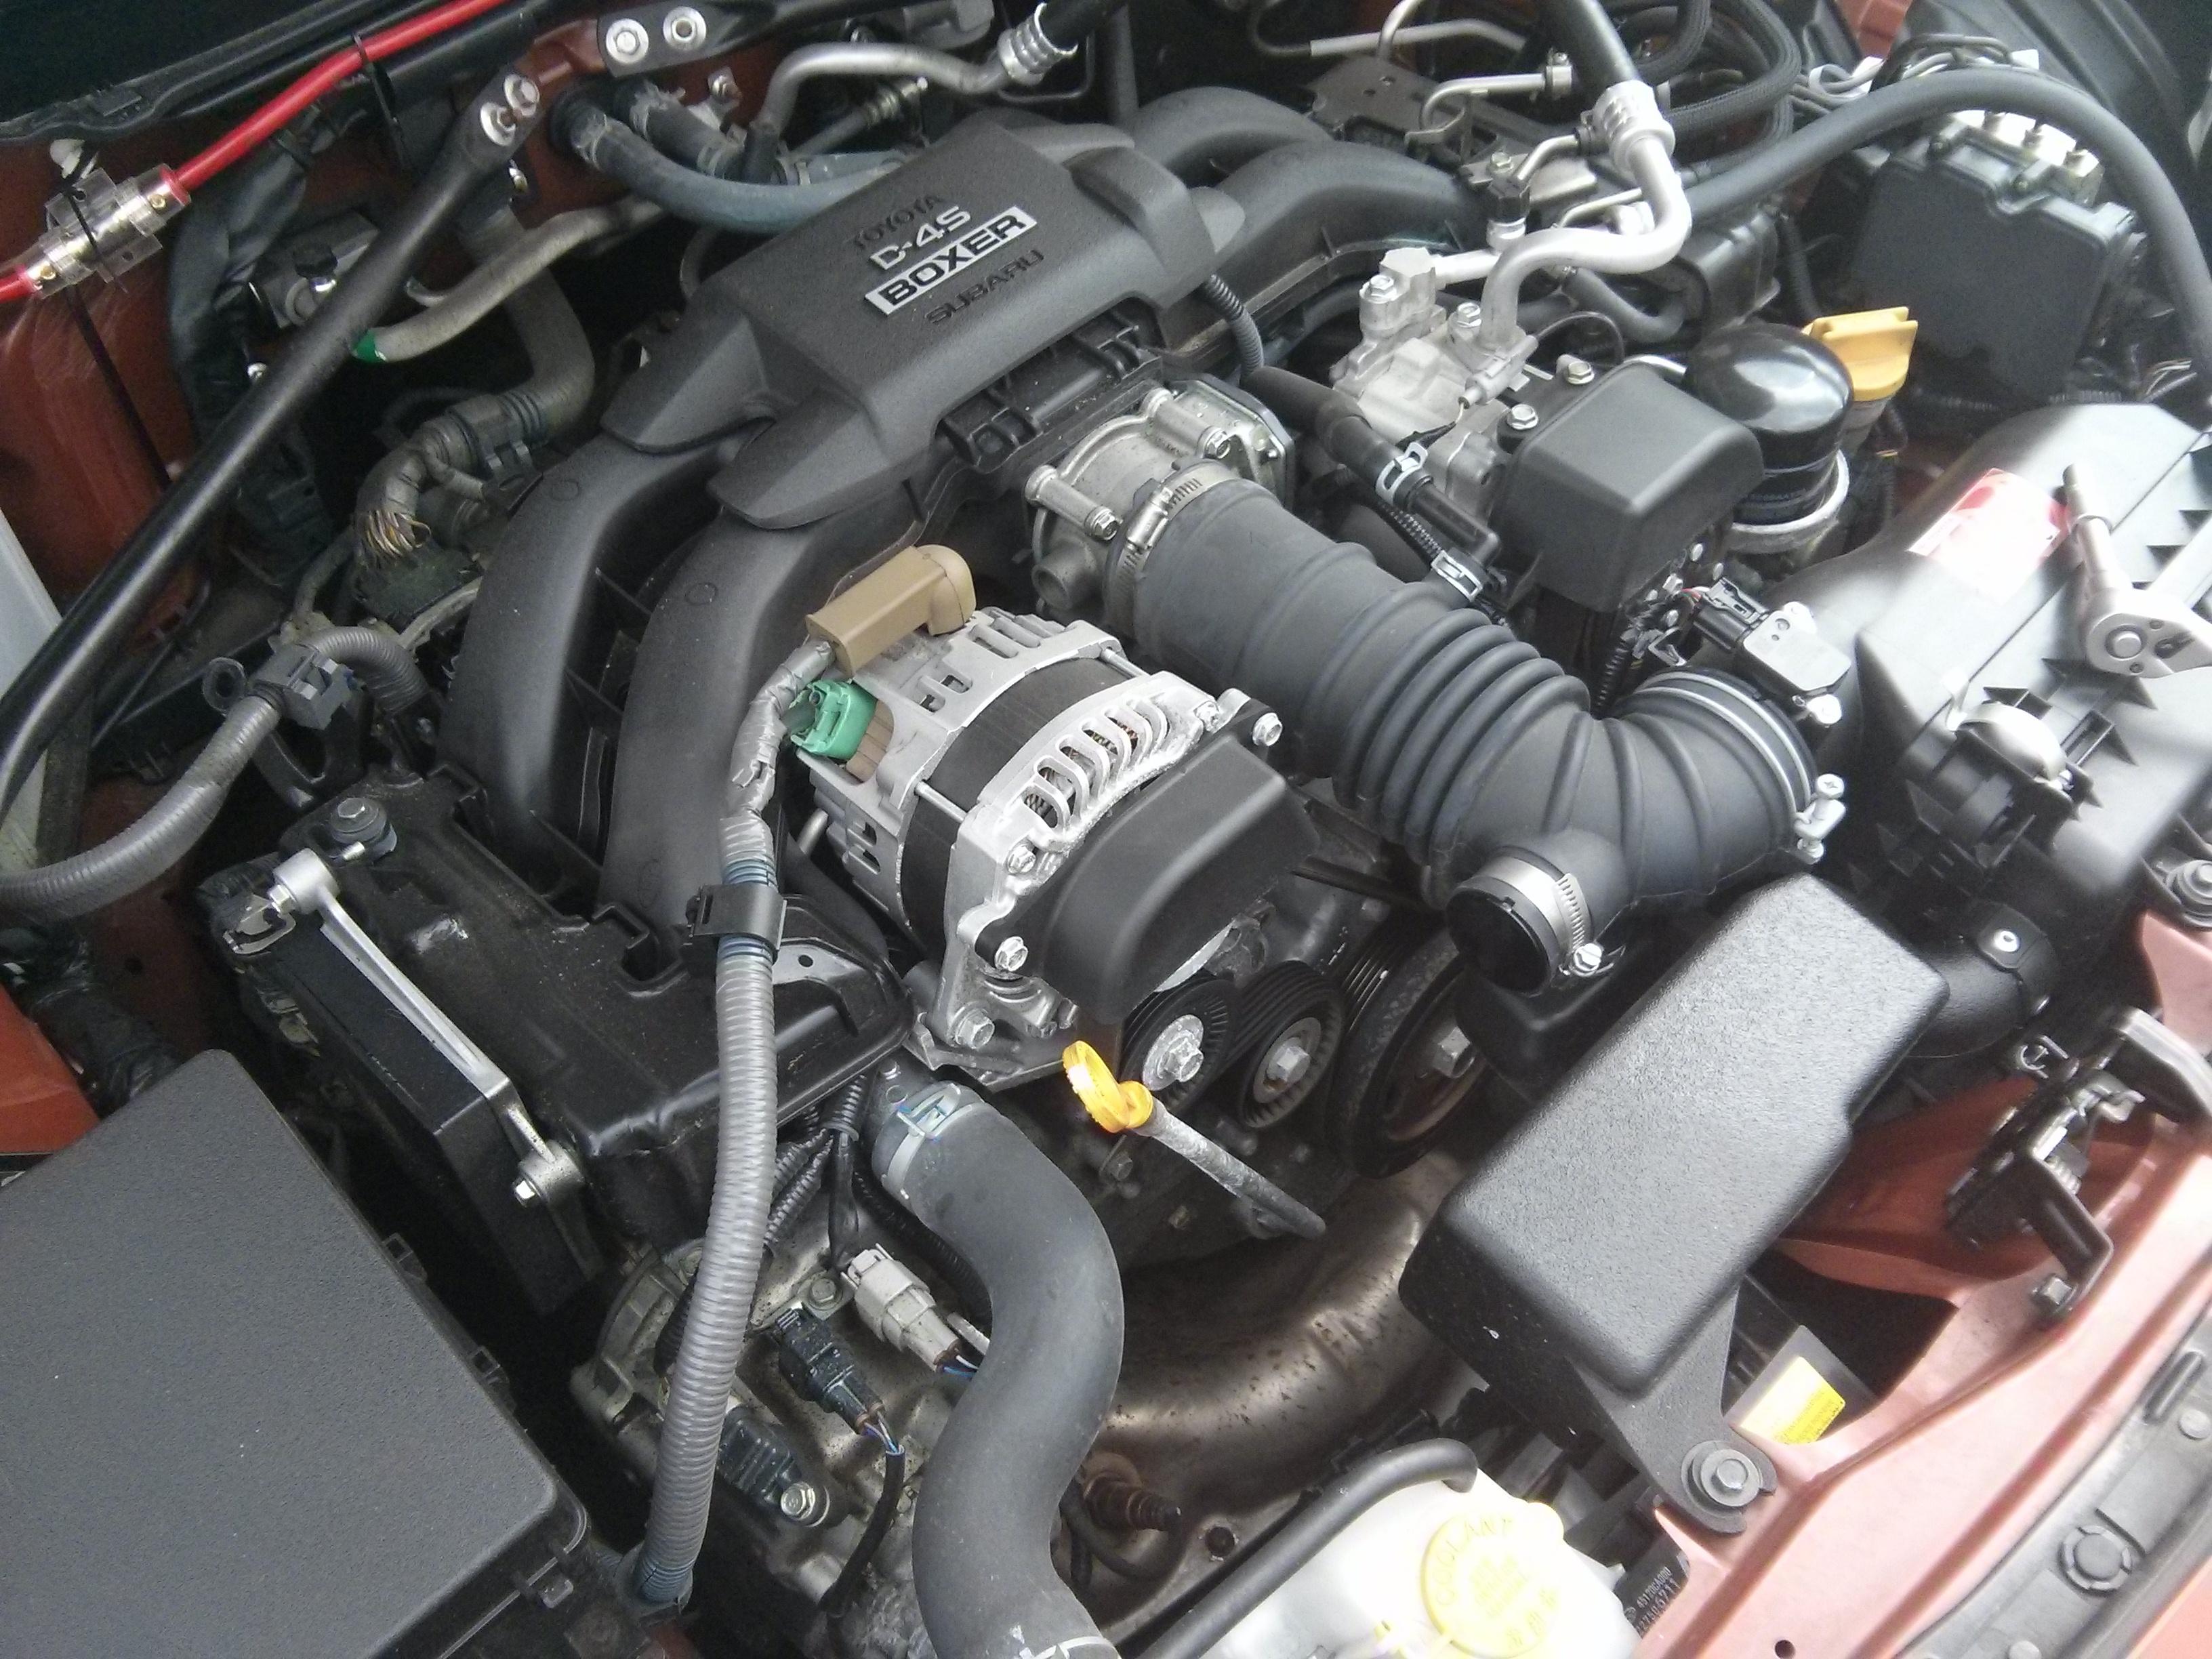 TRD Sound Changer welchen habt ihr verbaut? - (FA20) Motor, Antrieb ...